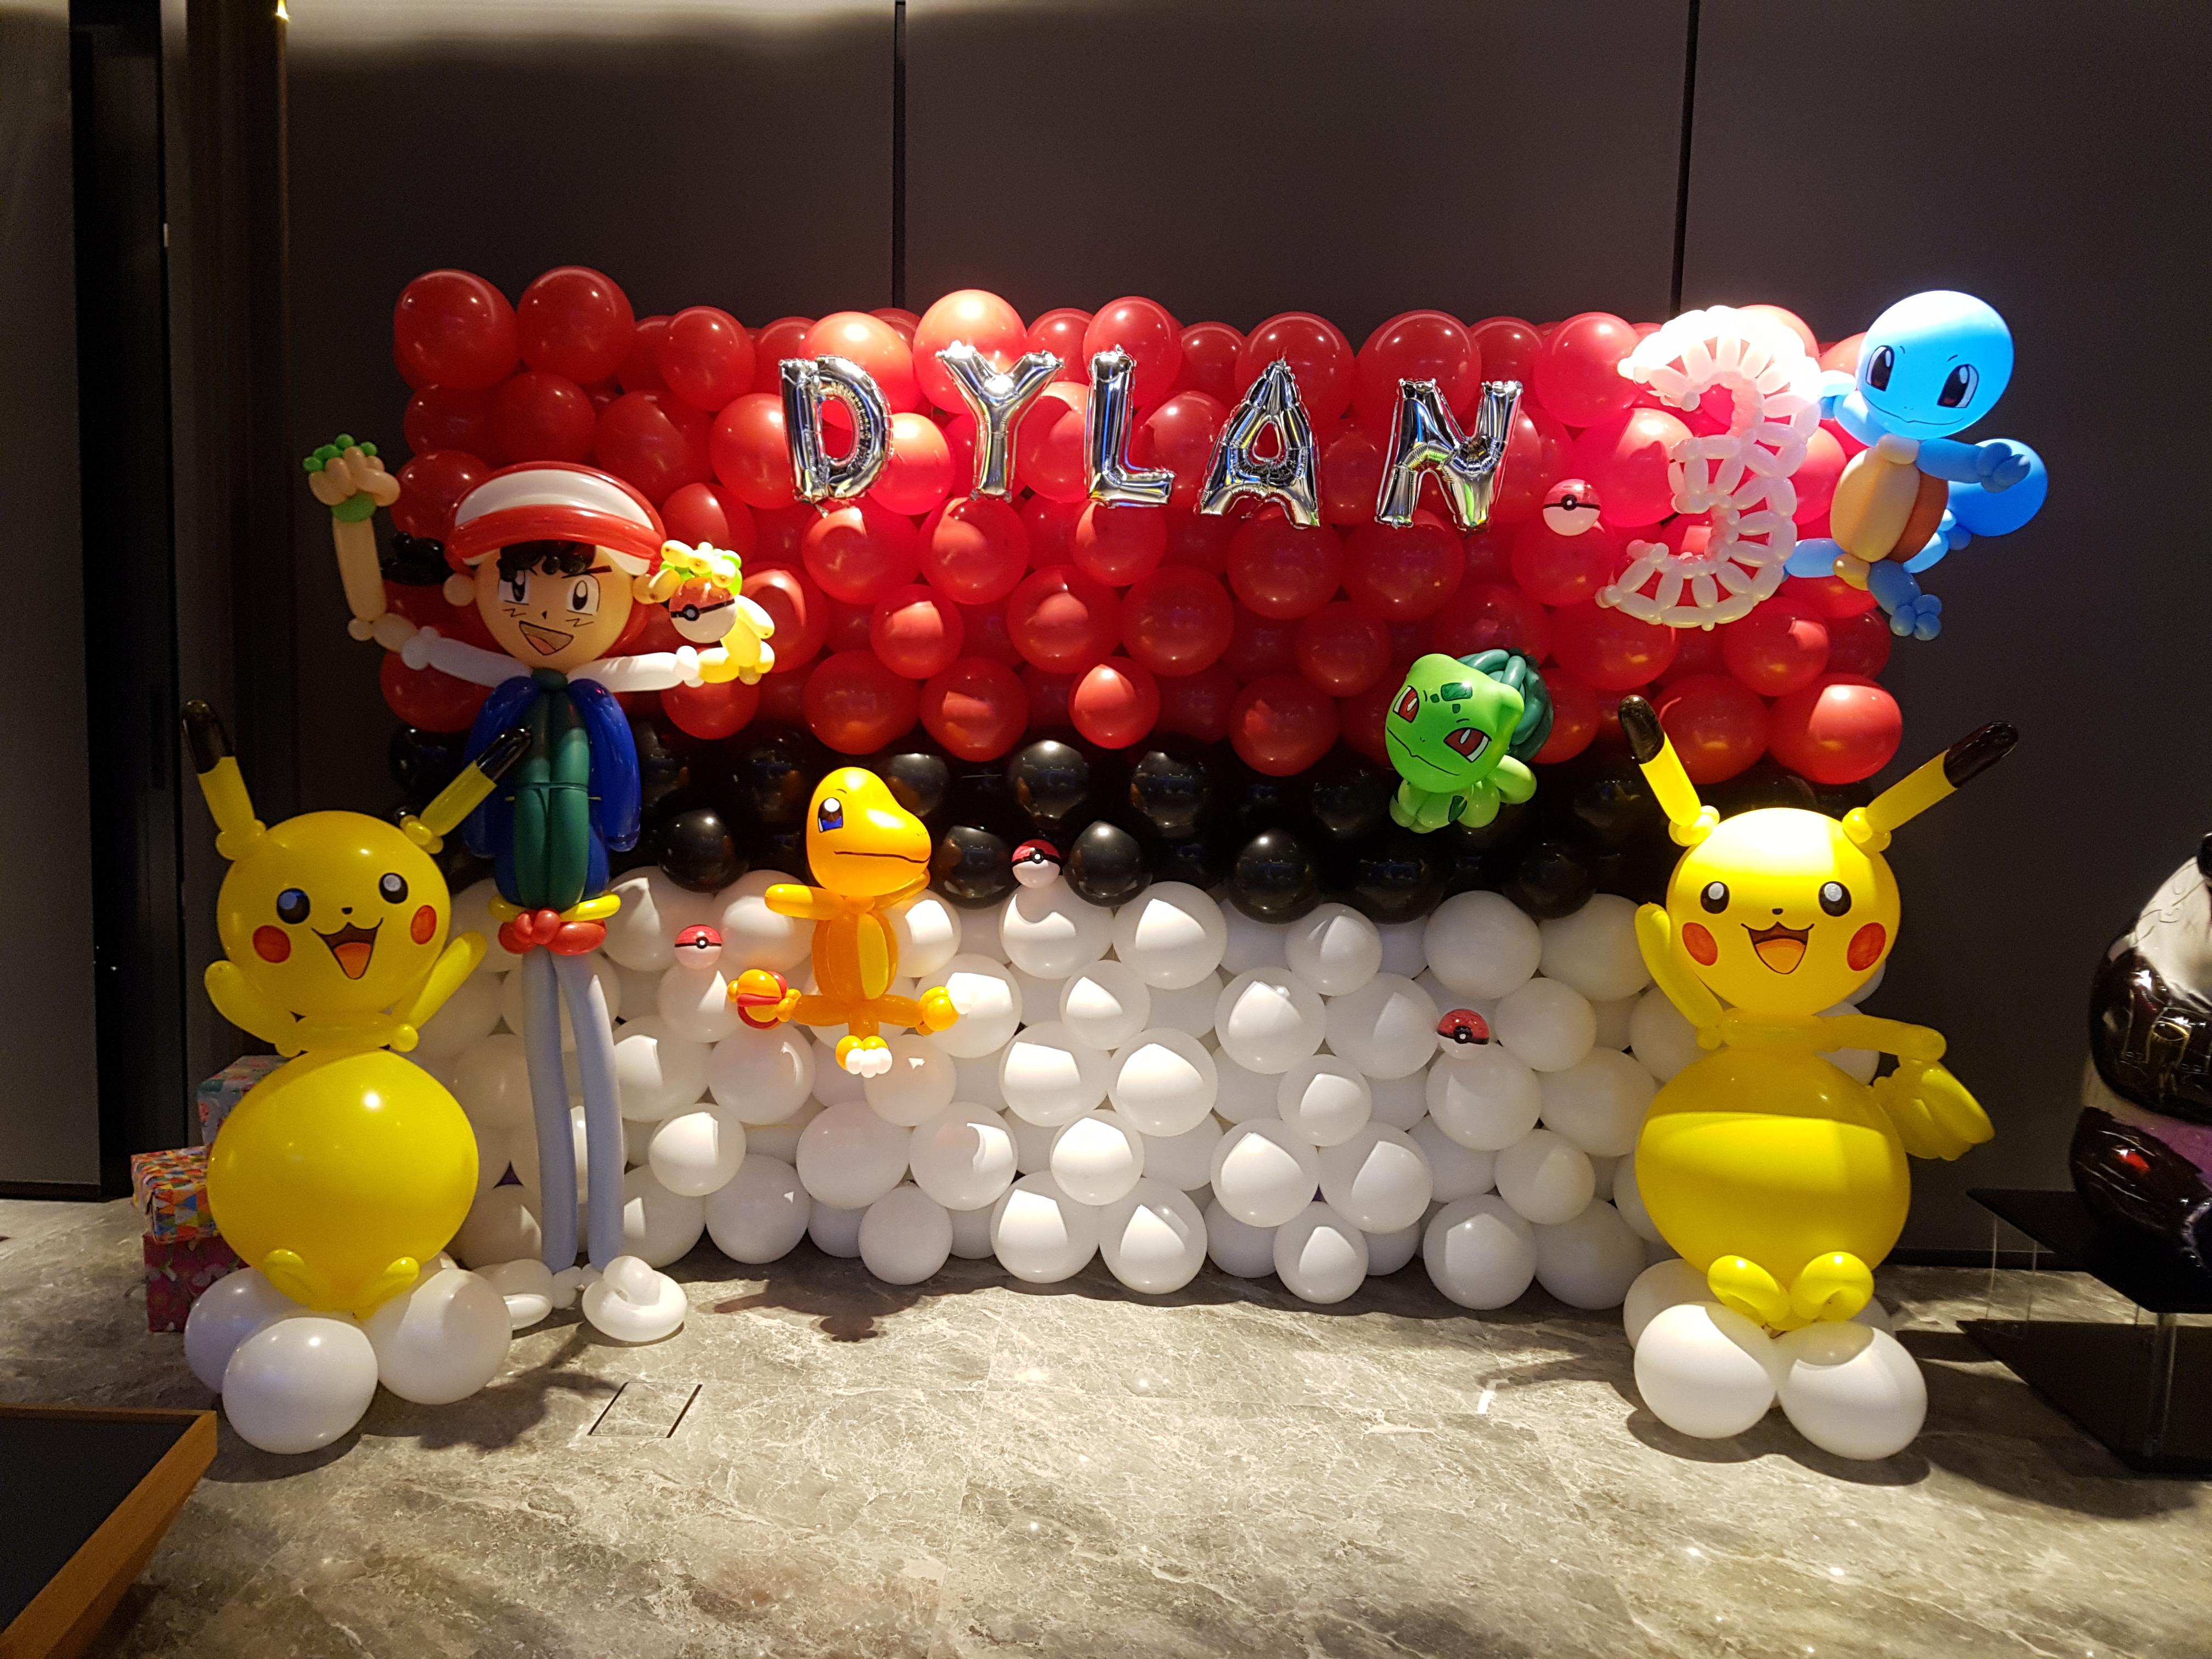 Pokemon themed balloon decoration